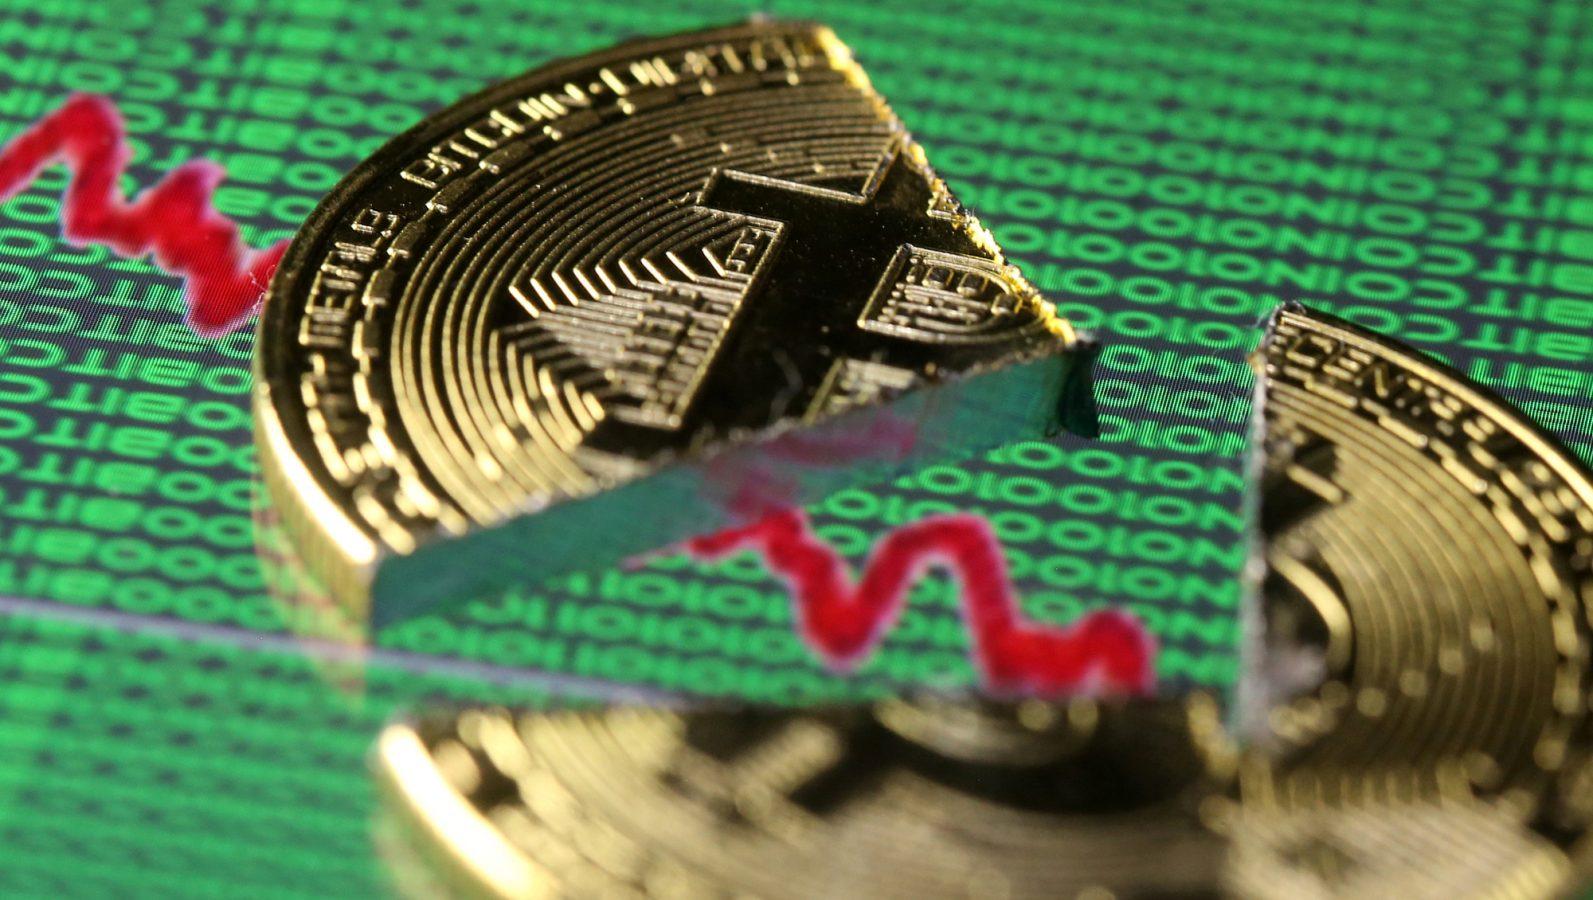 Crollo del prezzo del Bitcoin - Crollo del prezzo del Bitcoin Oltre $ 100 miliardi spazzati via